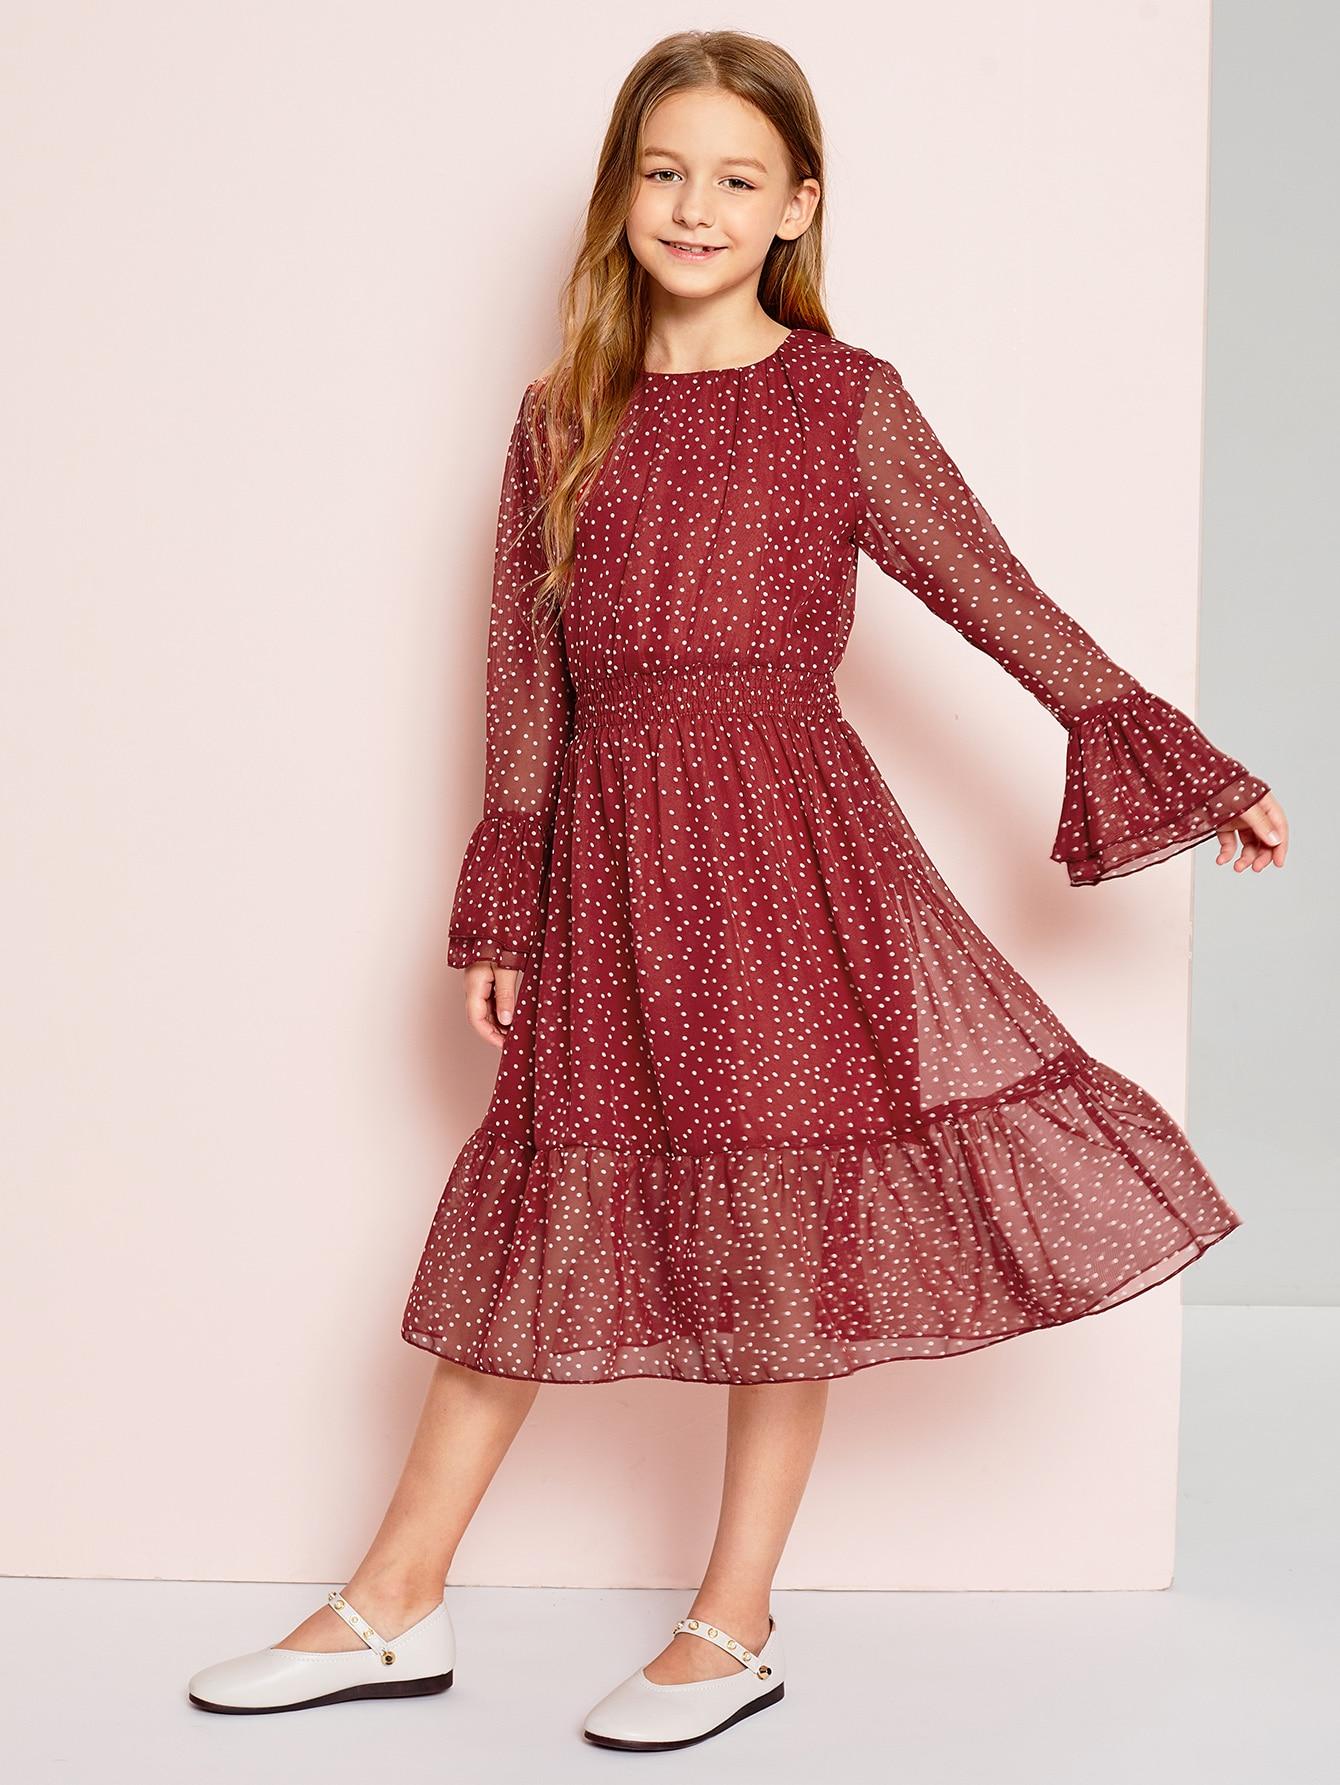 Купить Для девочек платье в горошек с оборками рукавами, Sashab, SheIn